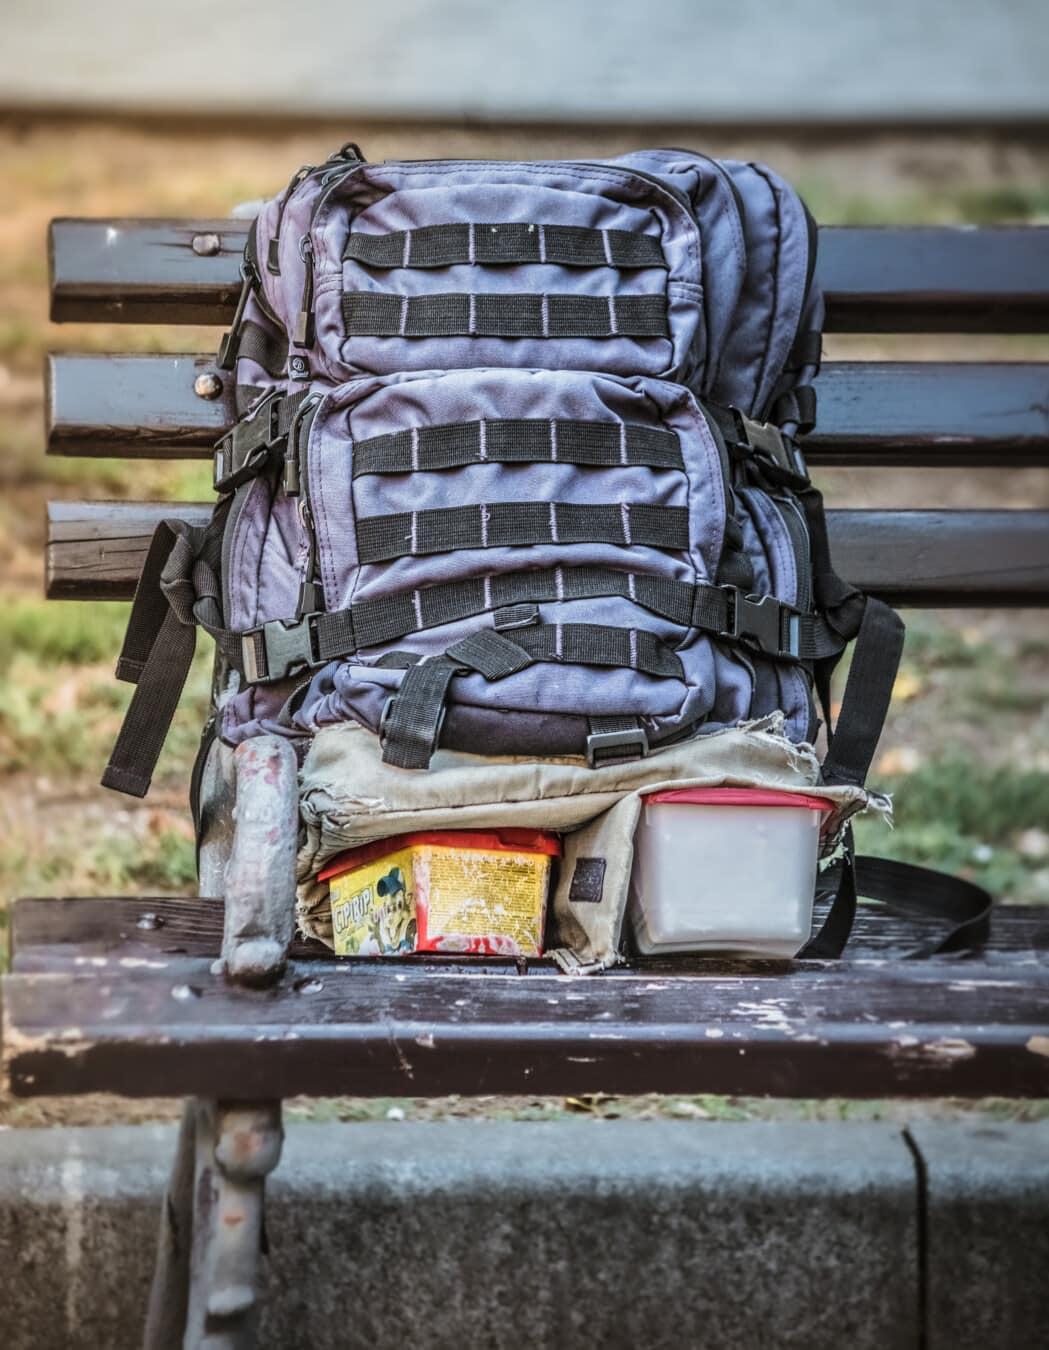 Rucksack, Gepäck, Sitzbank, Reisen, Sitz, Gepäck, im freien, Abenteuer, Ausrüstung, außerhalb